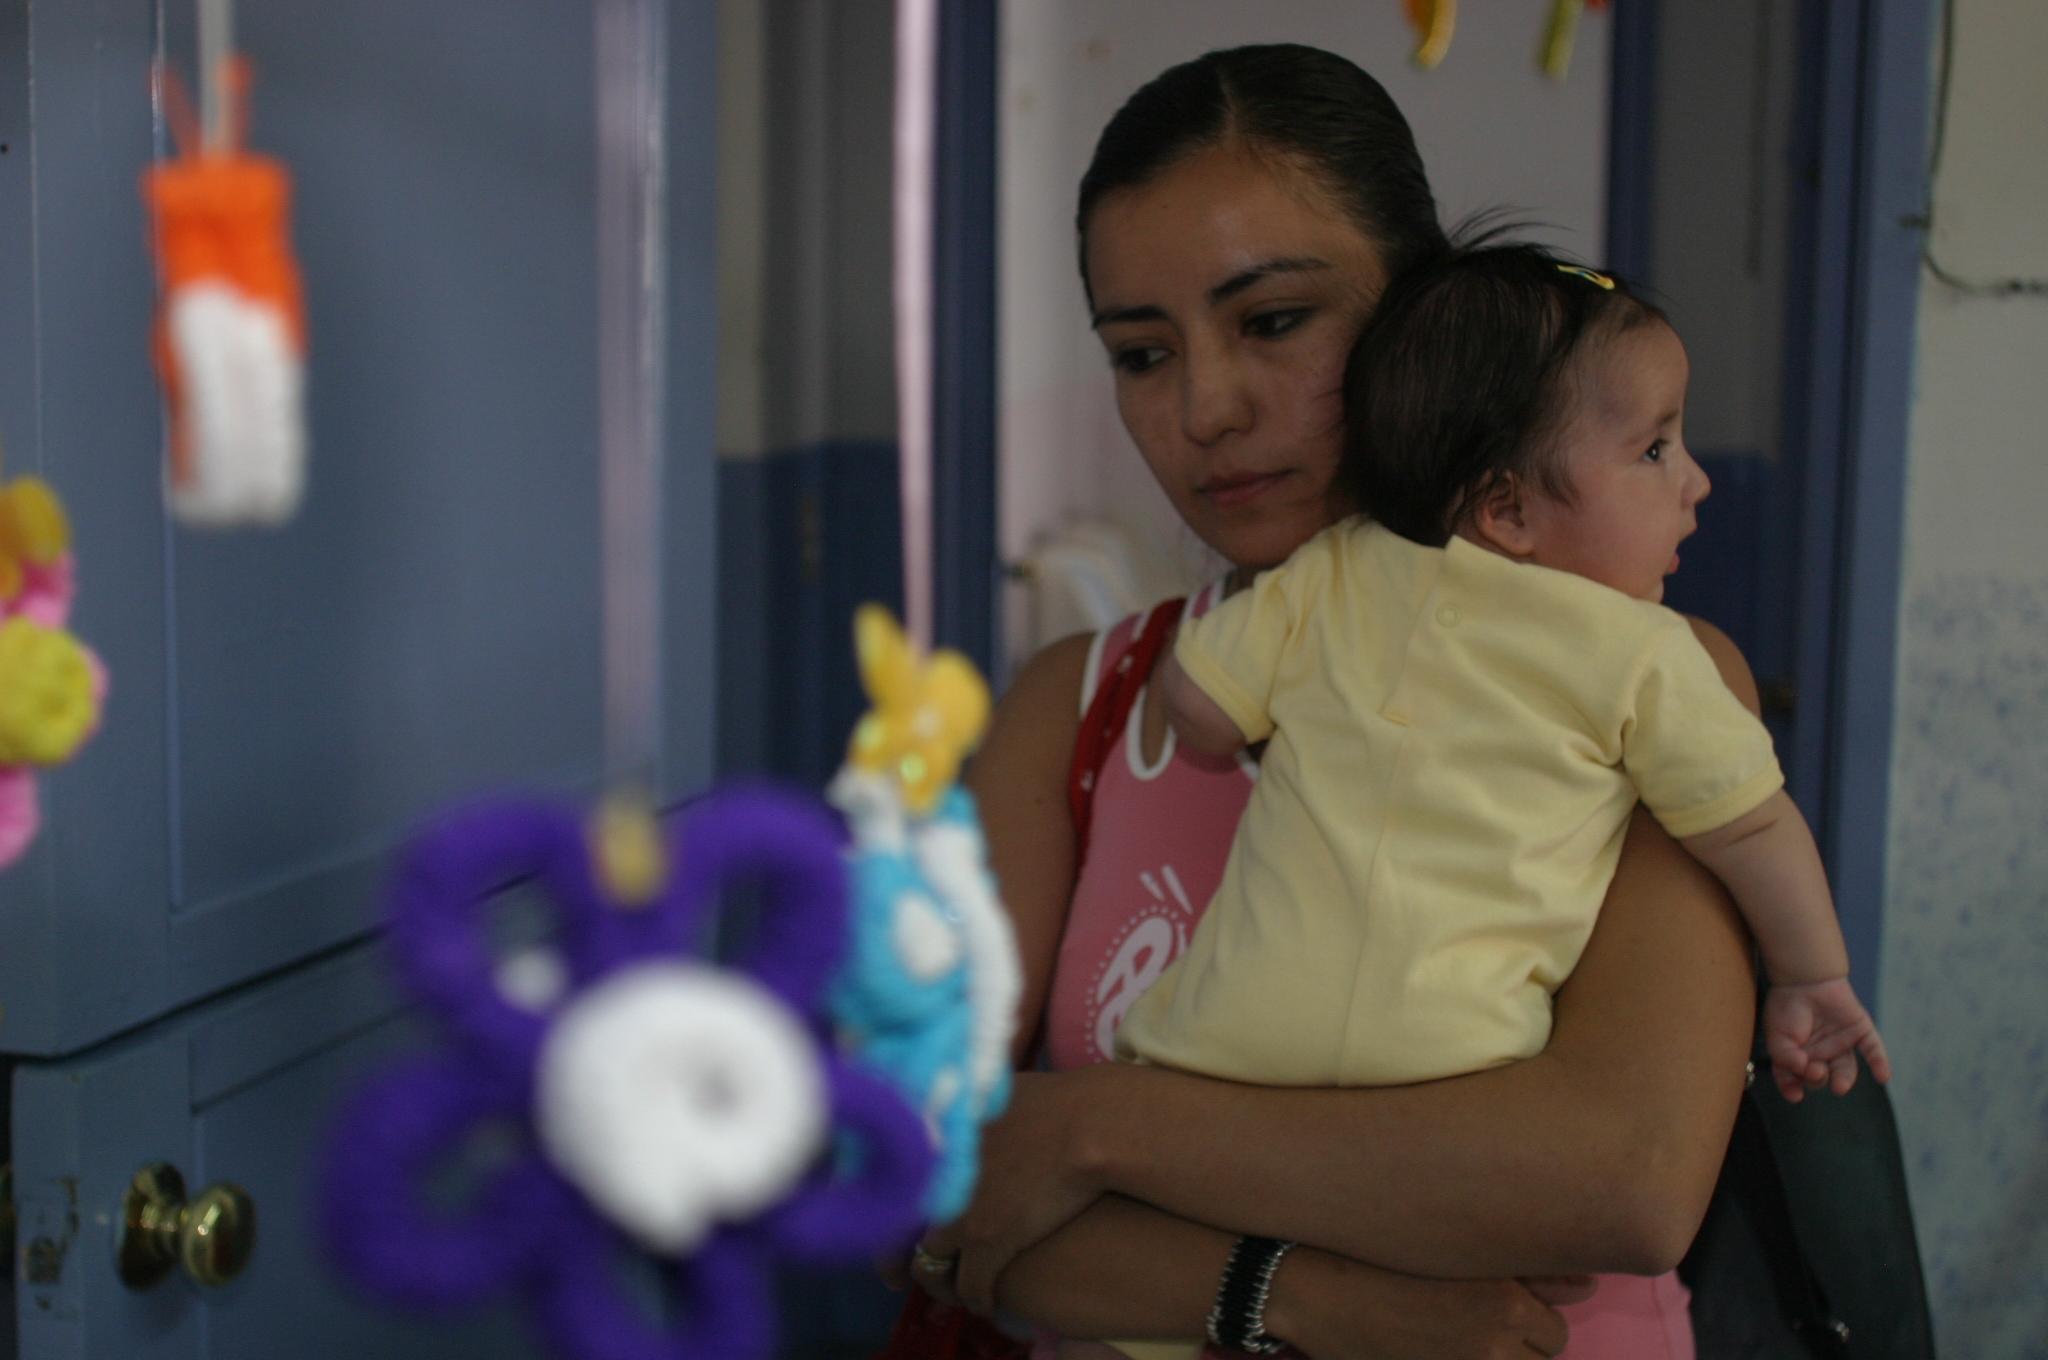 Imagen de una madre cargando a su bebé en una guardería